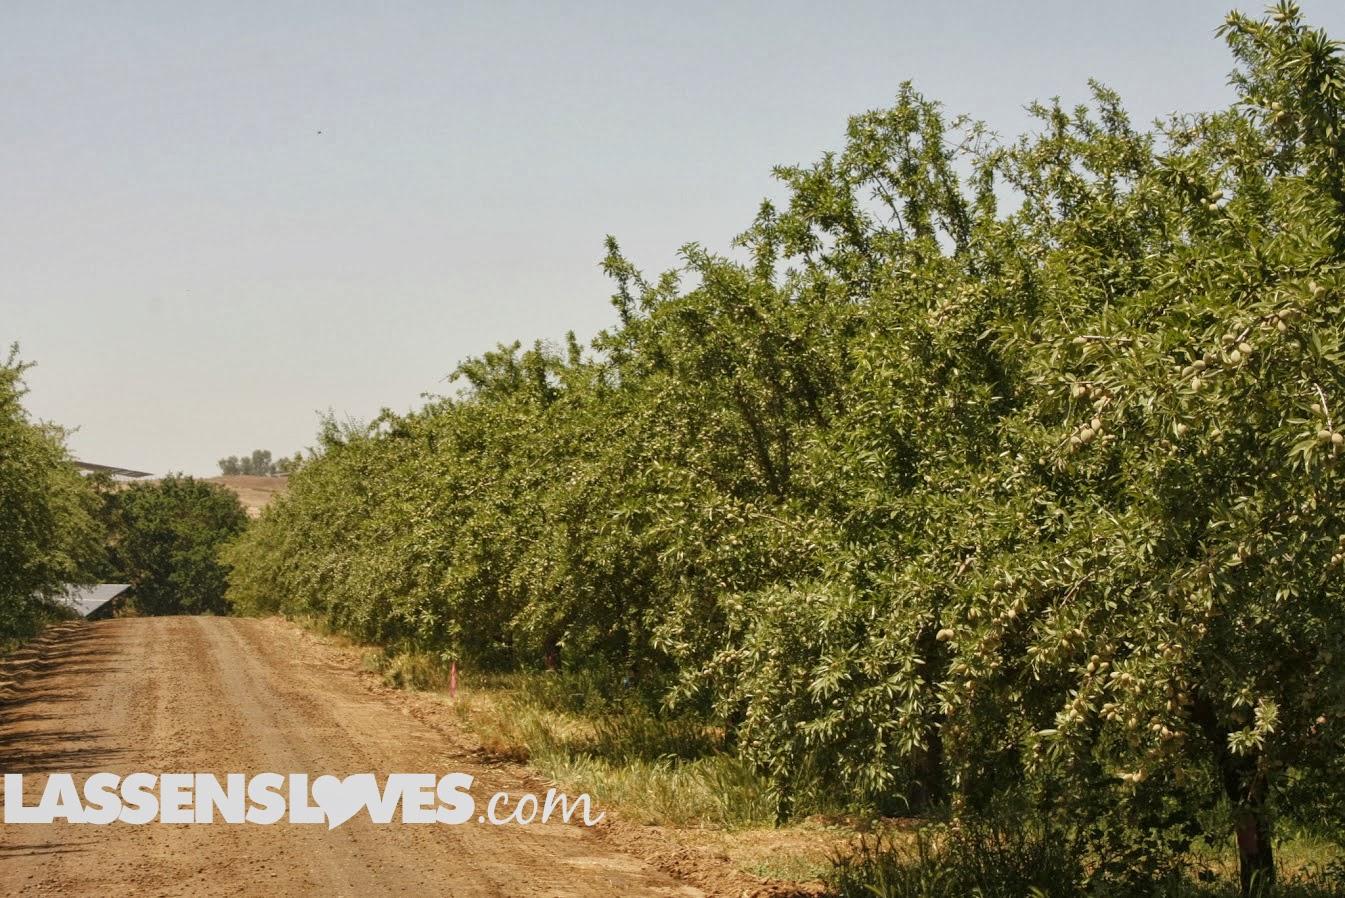 lassensloves.com, Lassen's, Lassens, Burroughs+Family+Farm+Almonds, Burroughs+Almonds